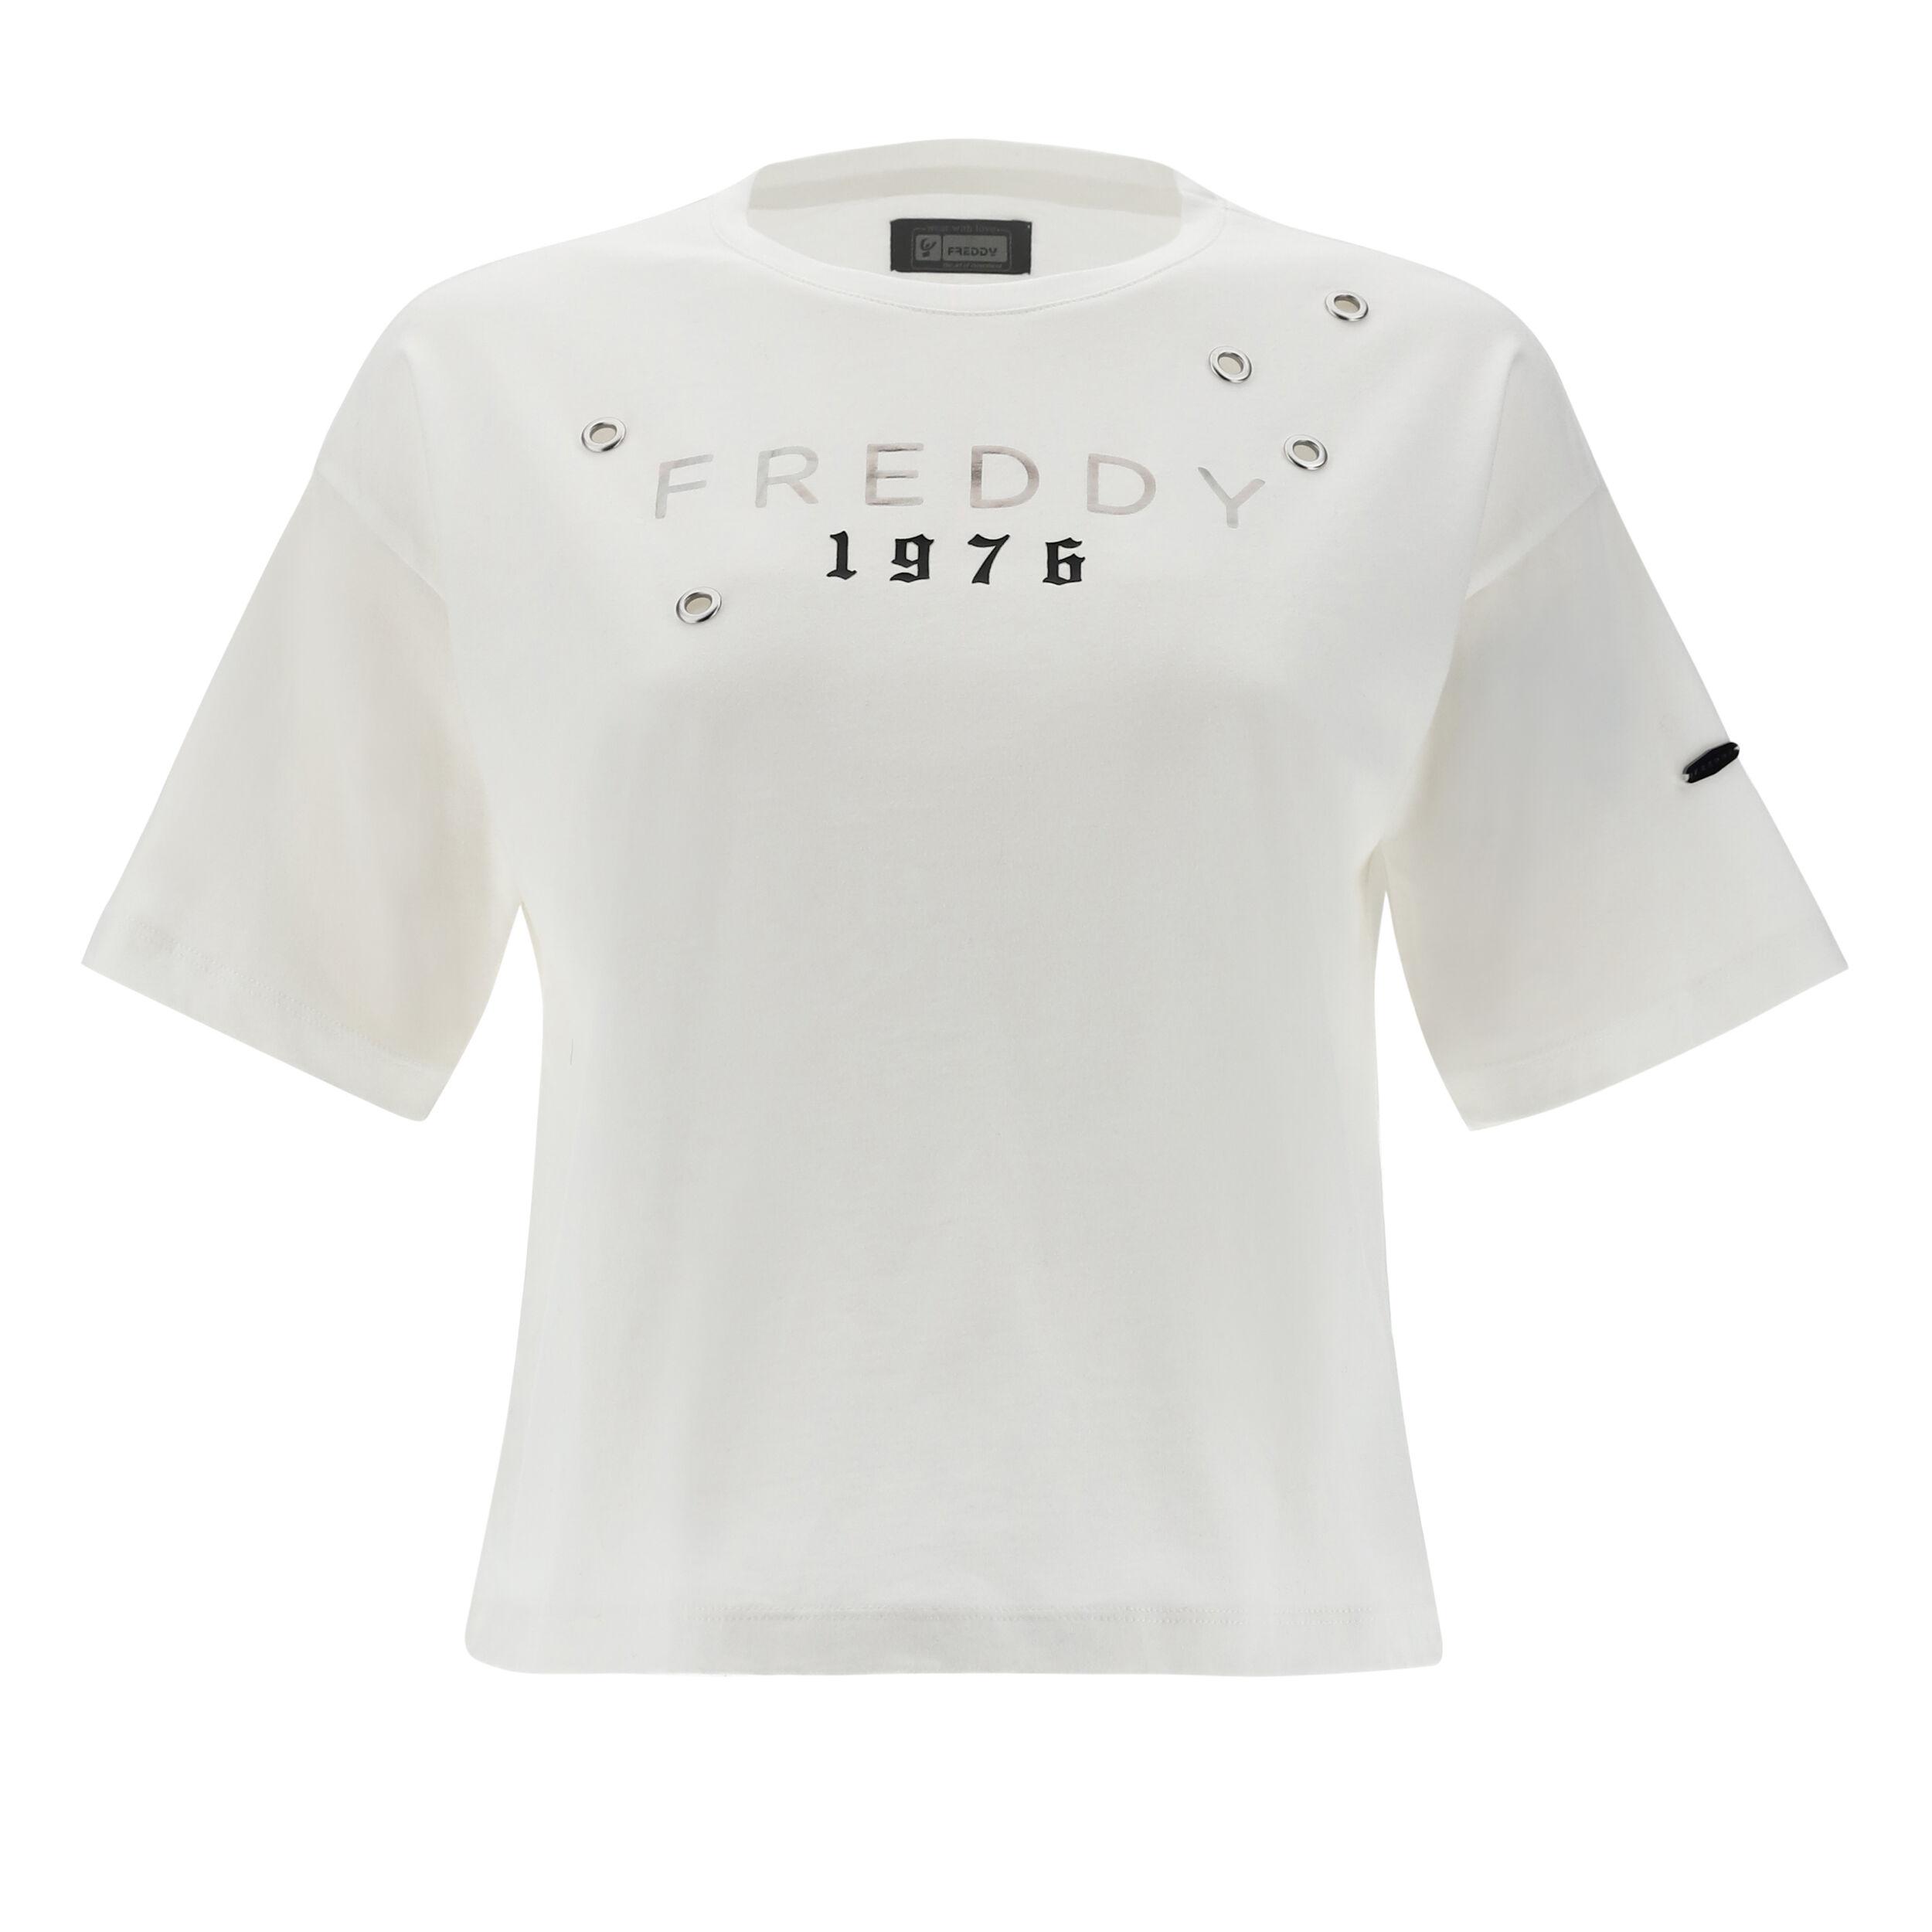 Freddy T-shirt comfort con stampa 1976 e anelli in metallo Bianco